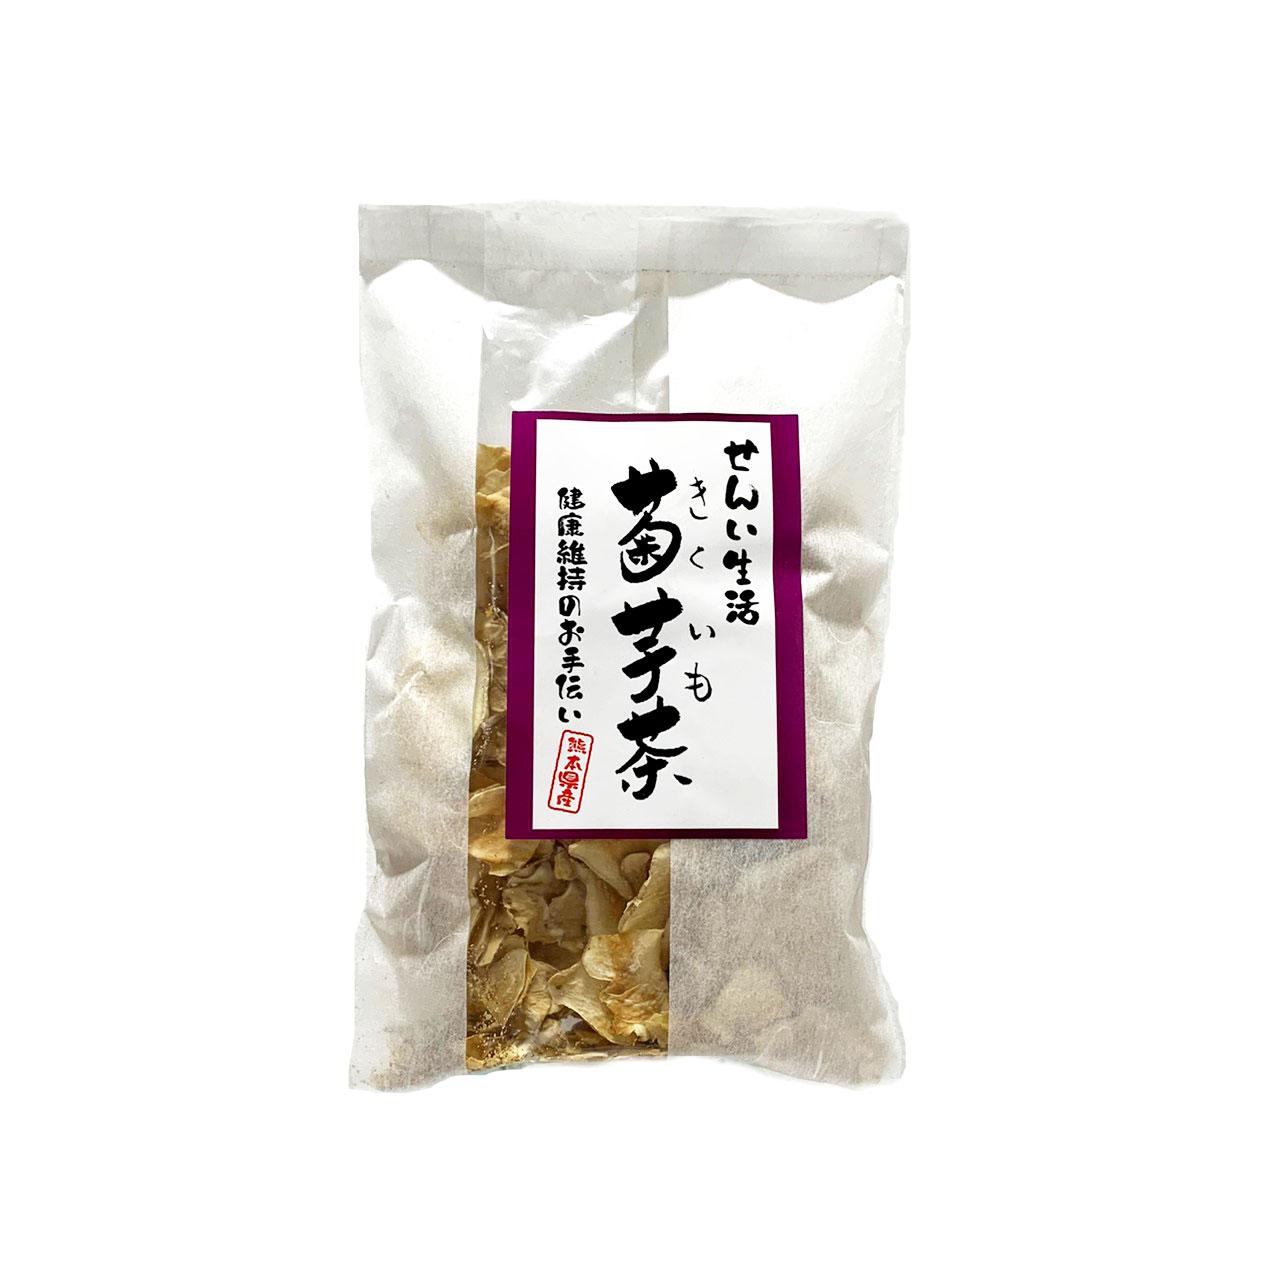 熊本県産 菊芋100%使用 菊いも茶